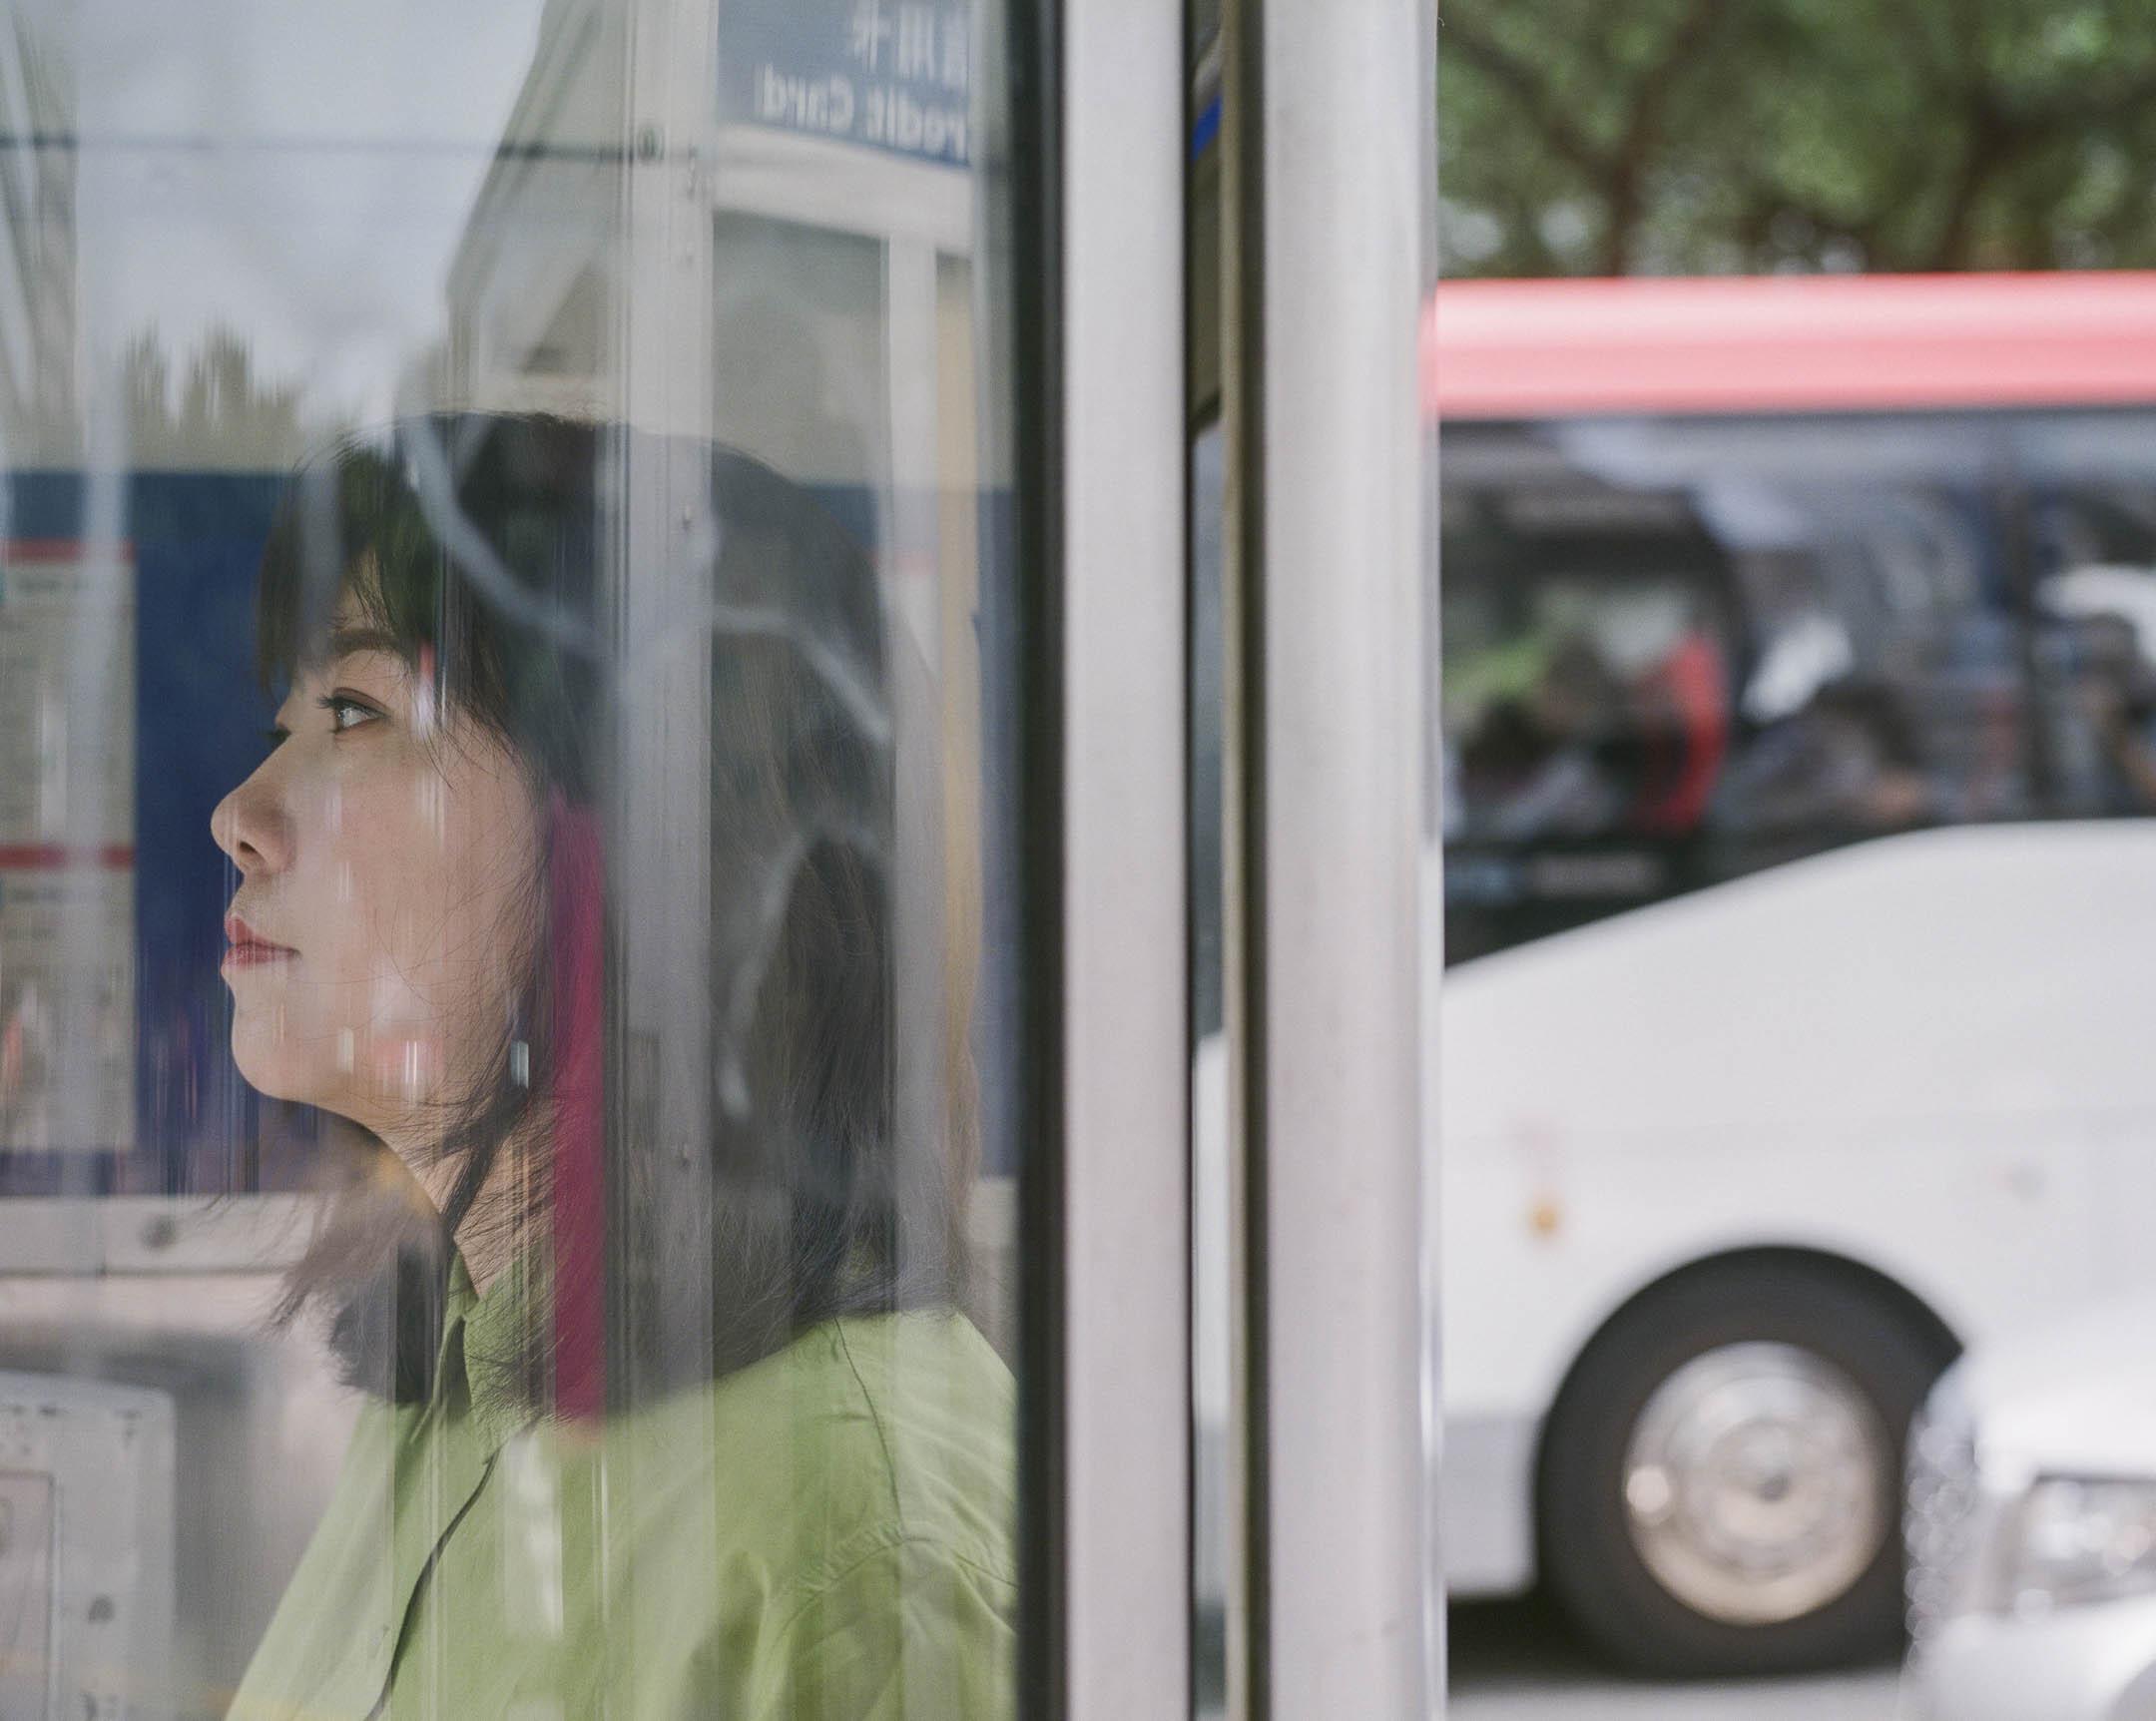 白雪執導的《過春天》是華語影壇第一部以深港跨境學童為題材的電影,「水貨客」、「單非兒童」,這兩個長期充滿中港政治意涵的群體,在電影中被具象化為一個個有故事的個體。 攝:林振東/端傳媒